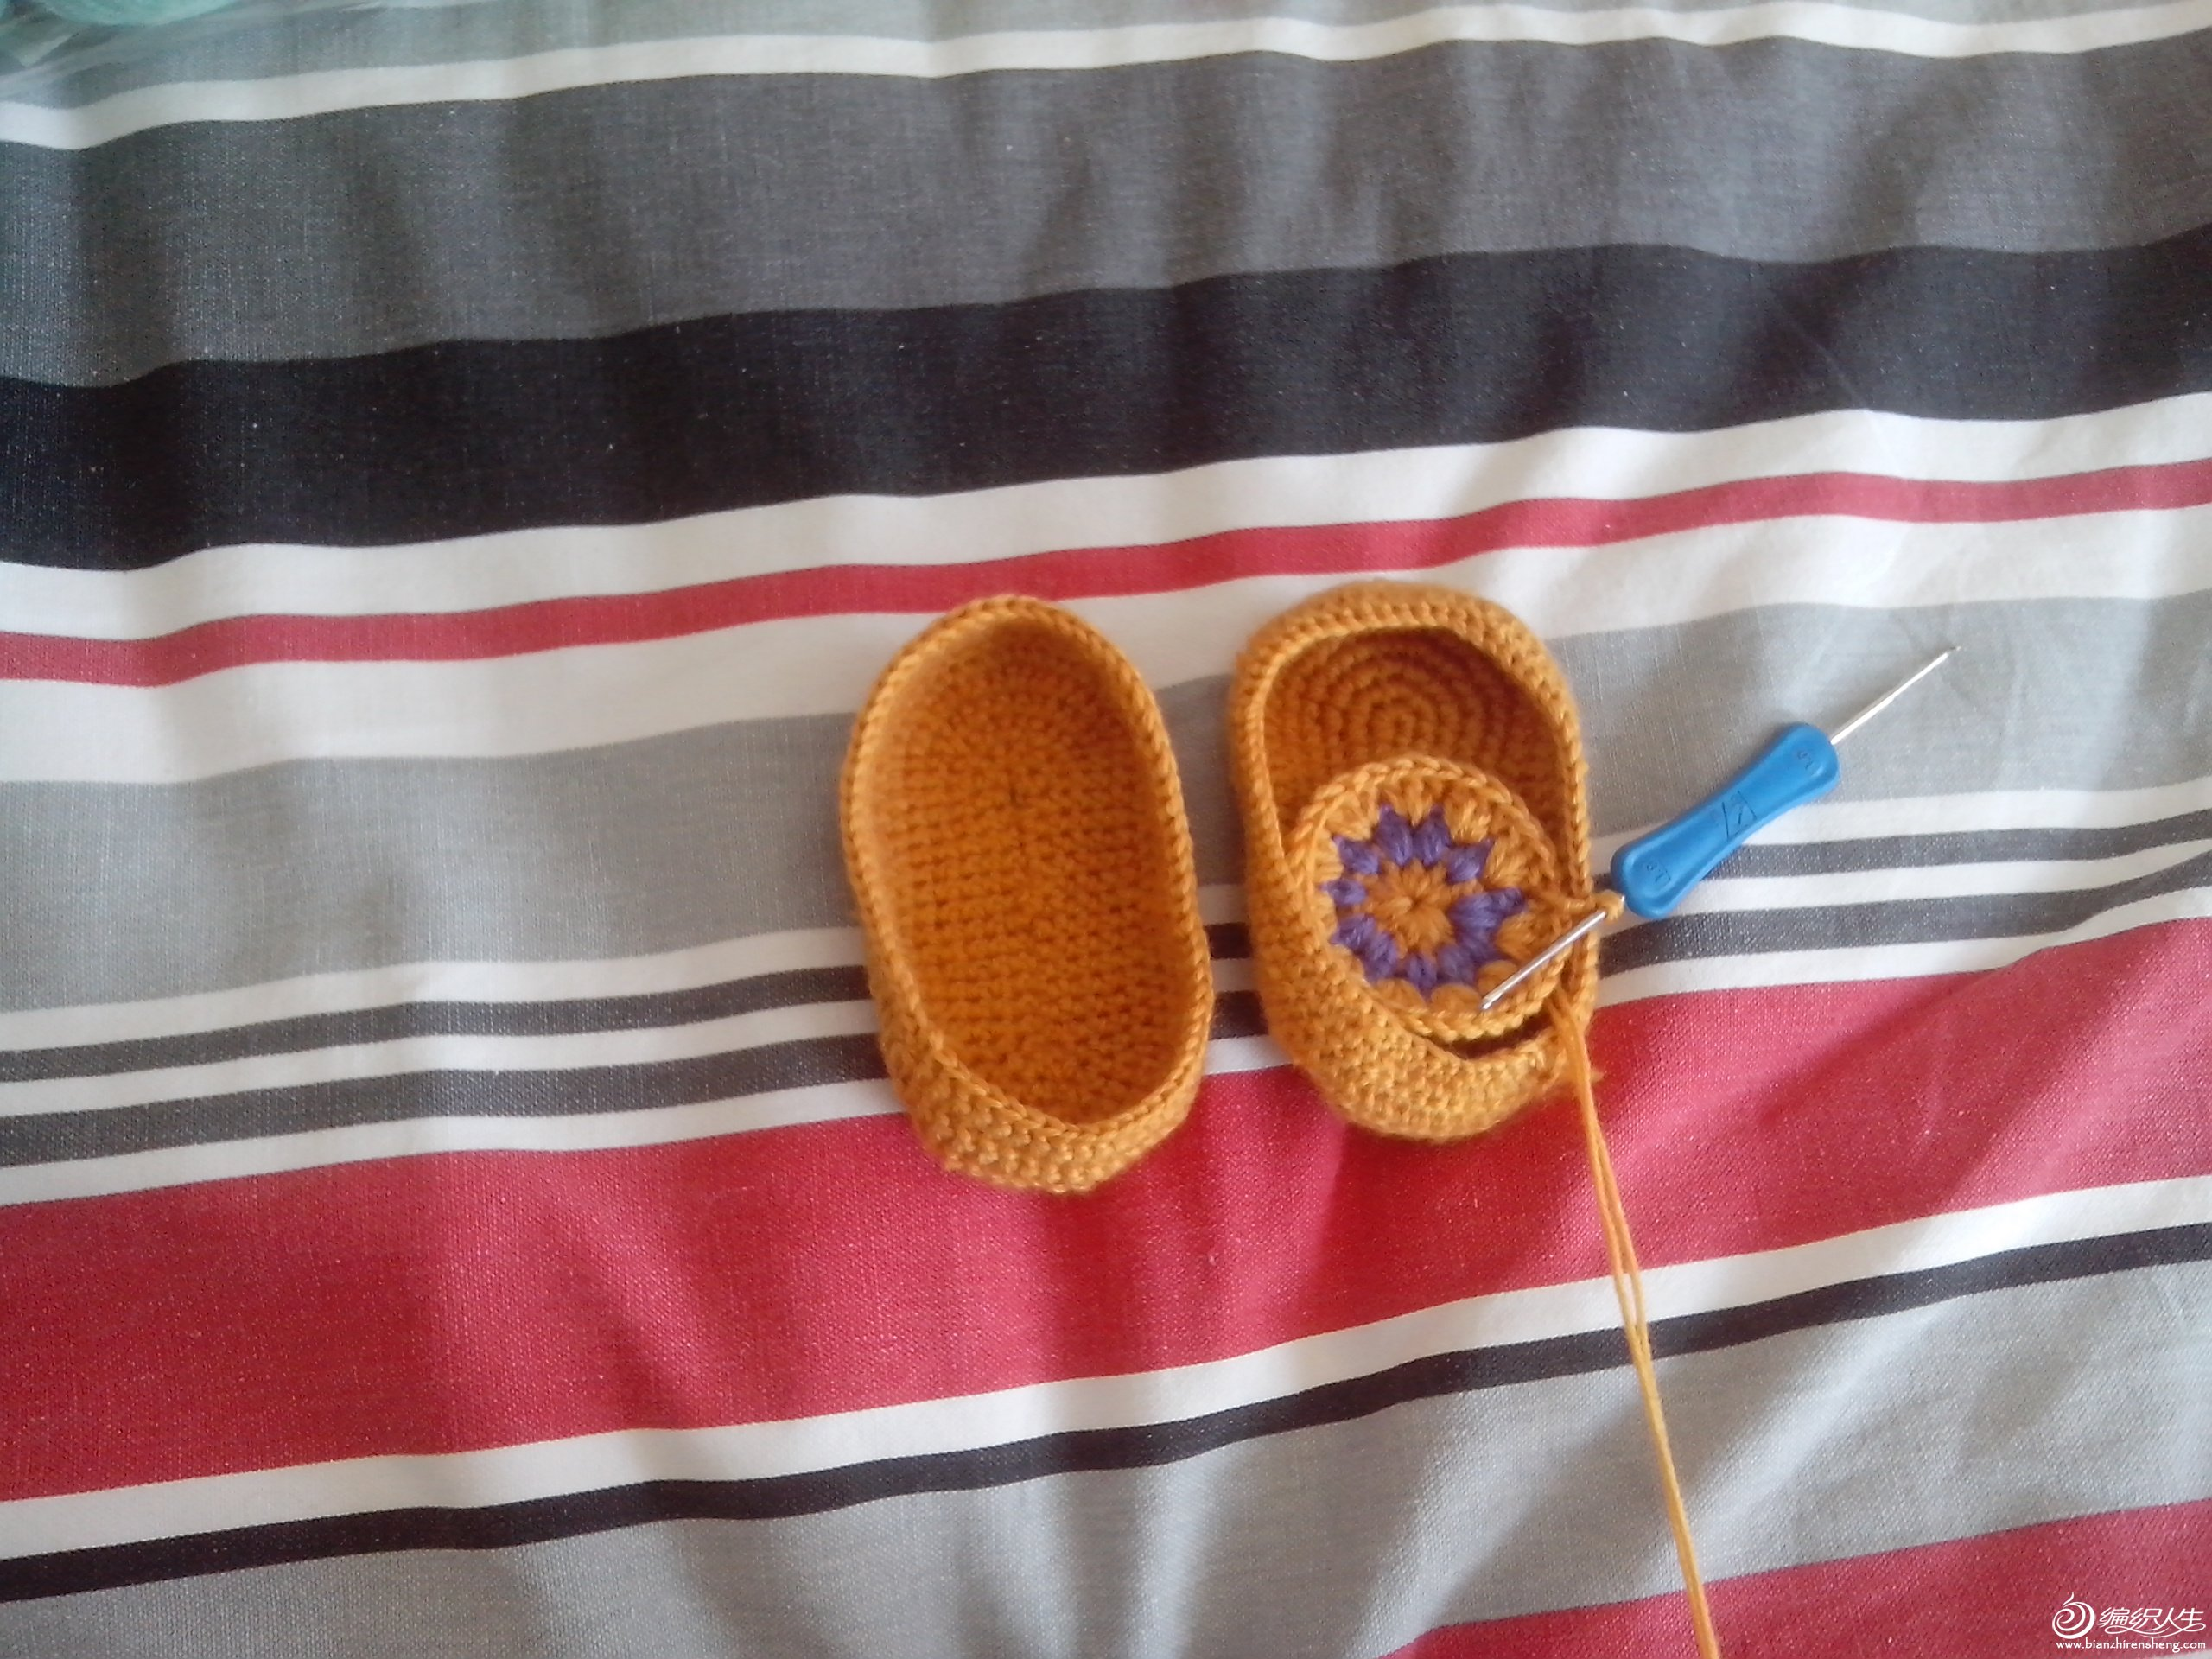 小鞋子还没钩好,一般钩鞋子我都是用双线钩,这样小宝宝的脚不冷。